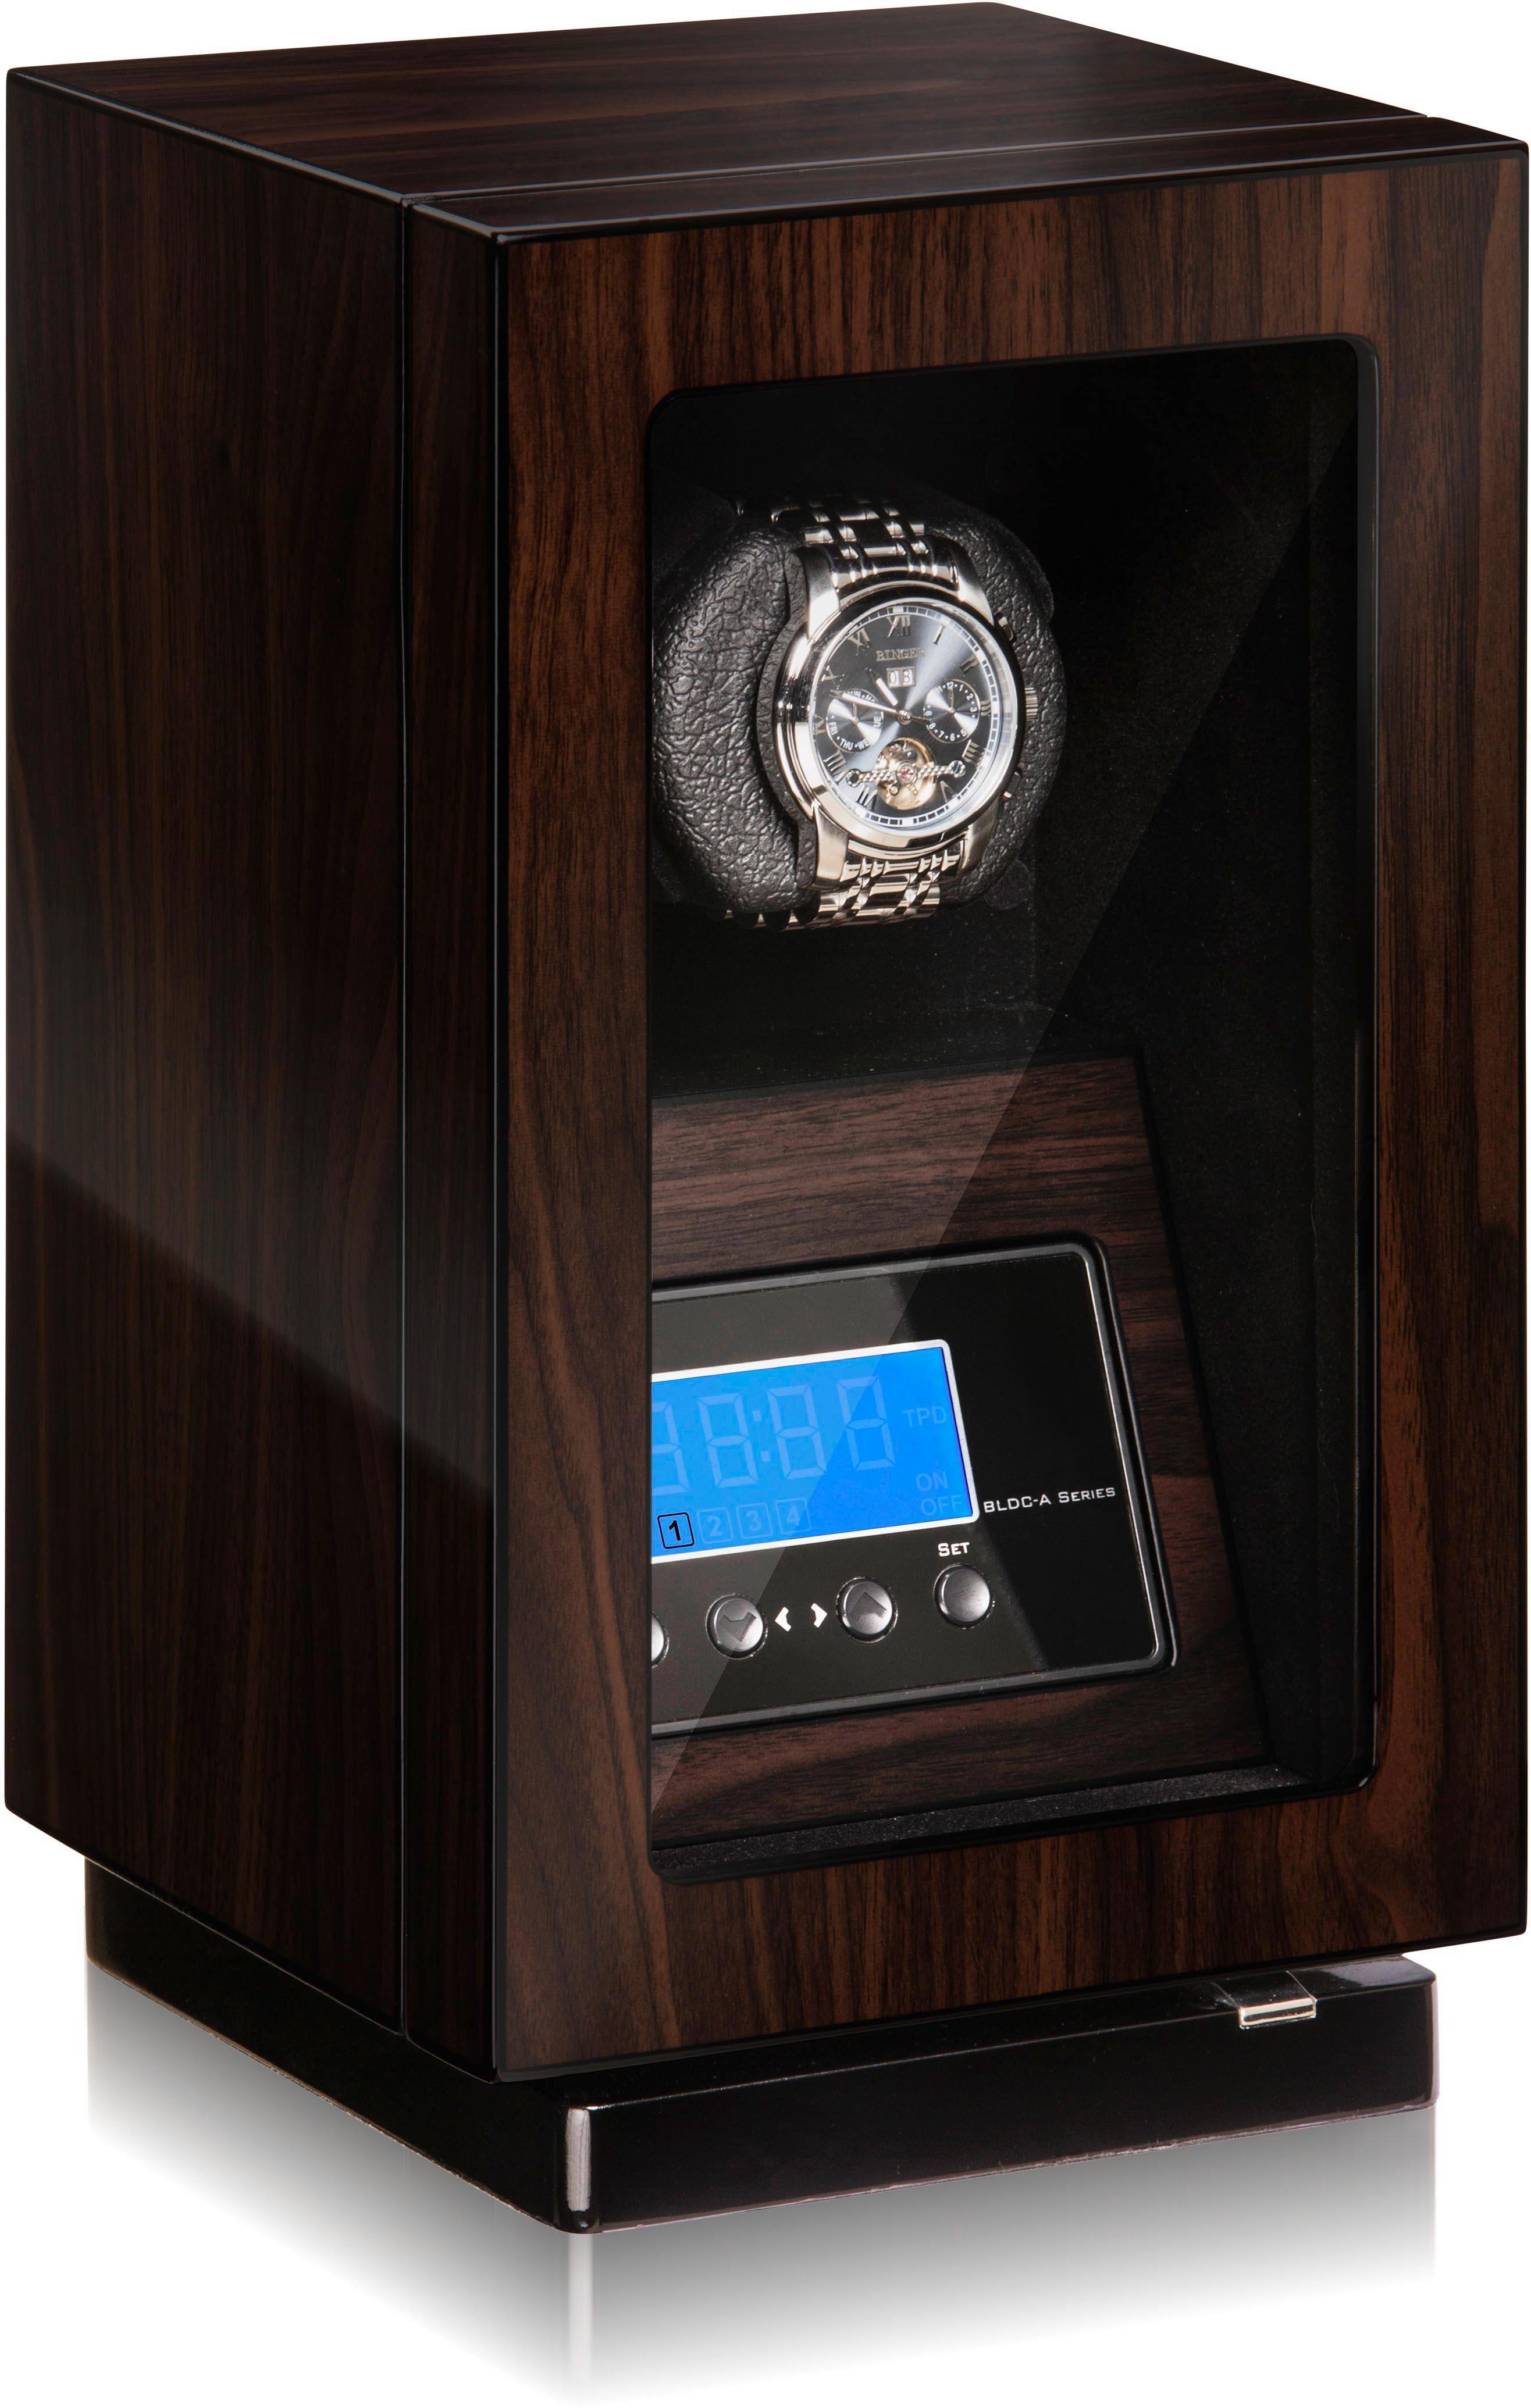 Boxy Uhrenbeweger Boxy BLDC für 1 Uhr 309416 | Uhren > Uhrenbeweger | Braun | Boxy